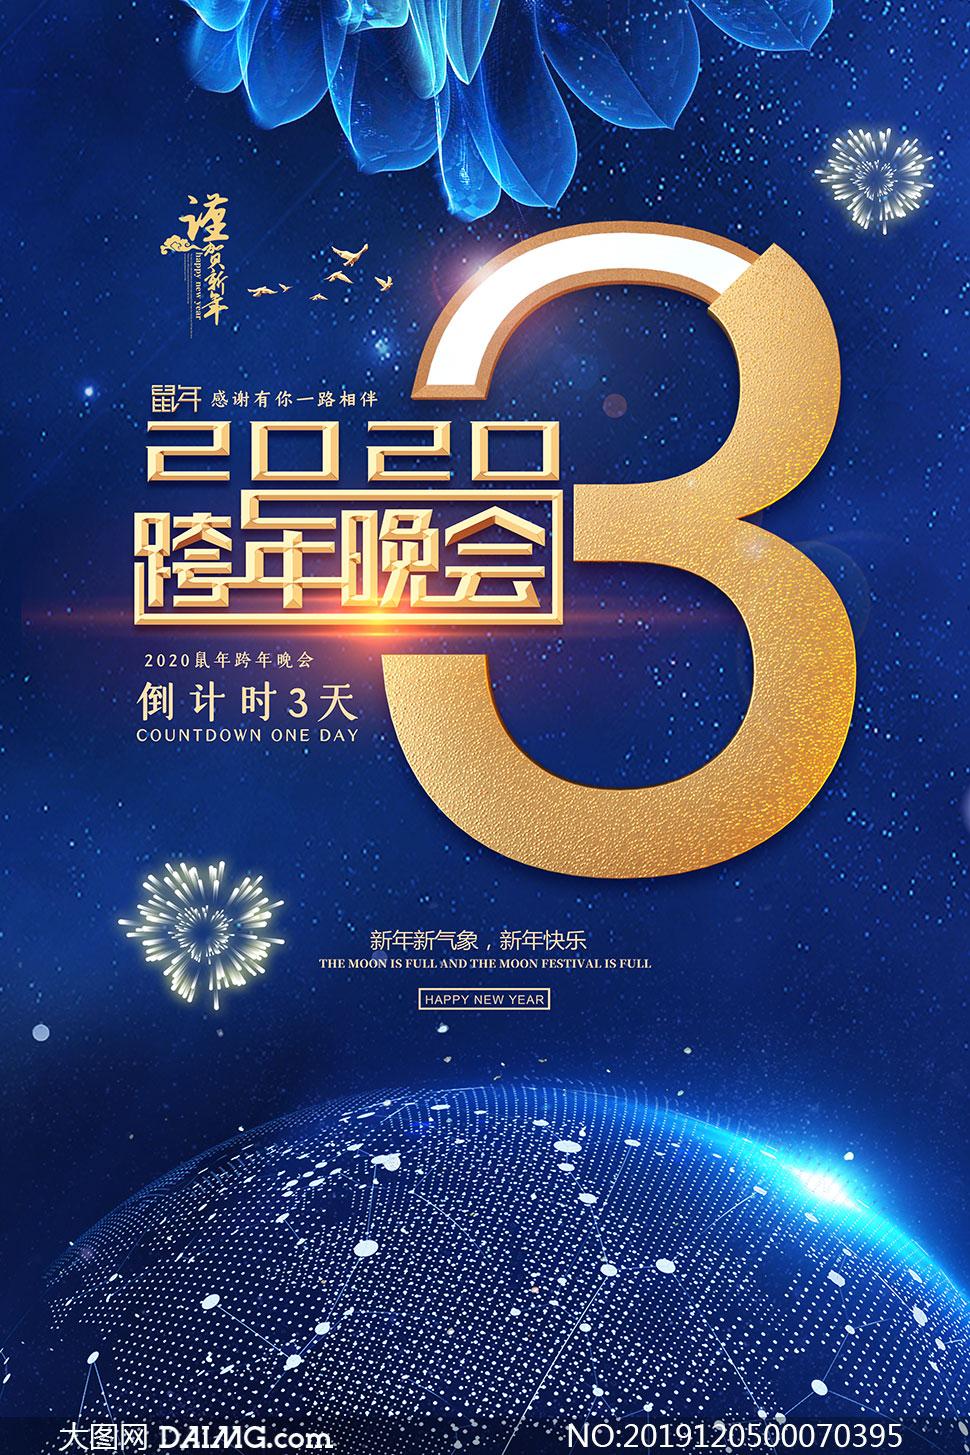 2020元旦跨年晚会宣传海报PSD素材